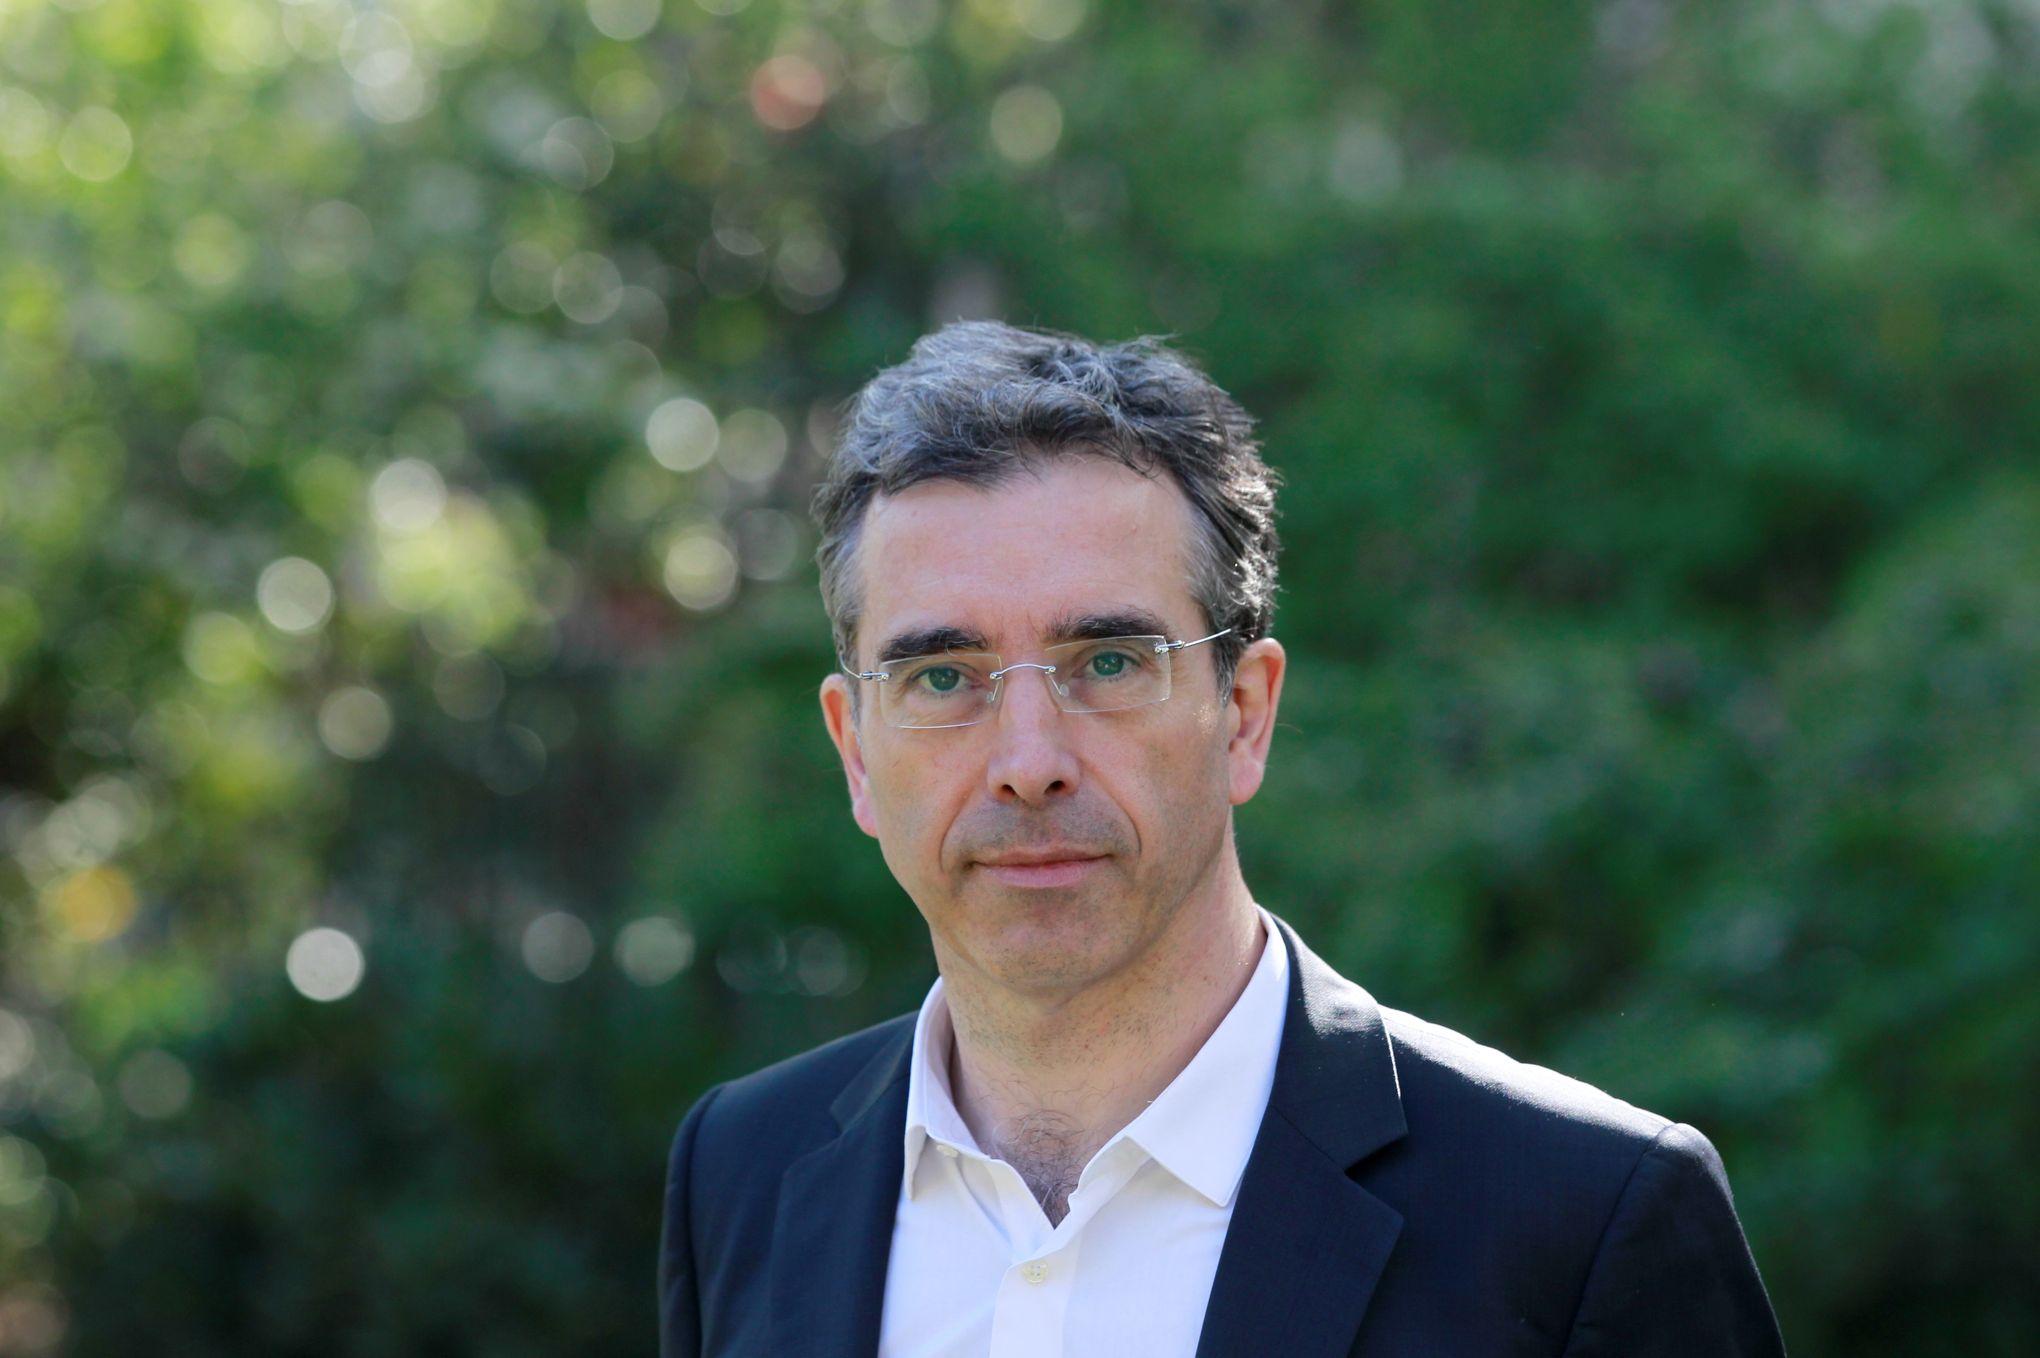 01afe9a40ad71 Le politologue Dominique Reynié tête de liste UMP-UDI en Midi-Pyrénées